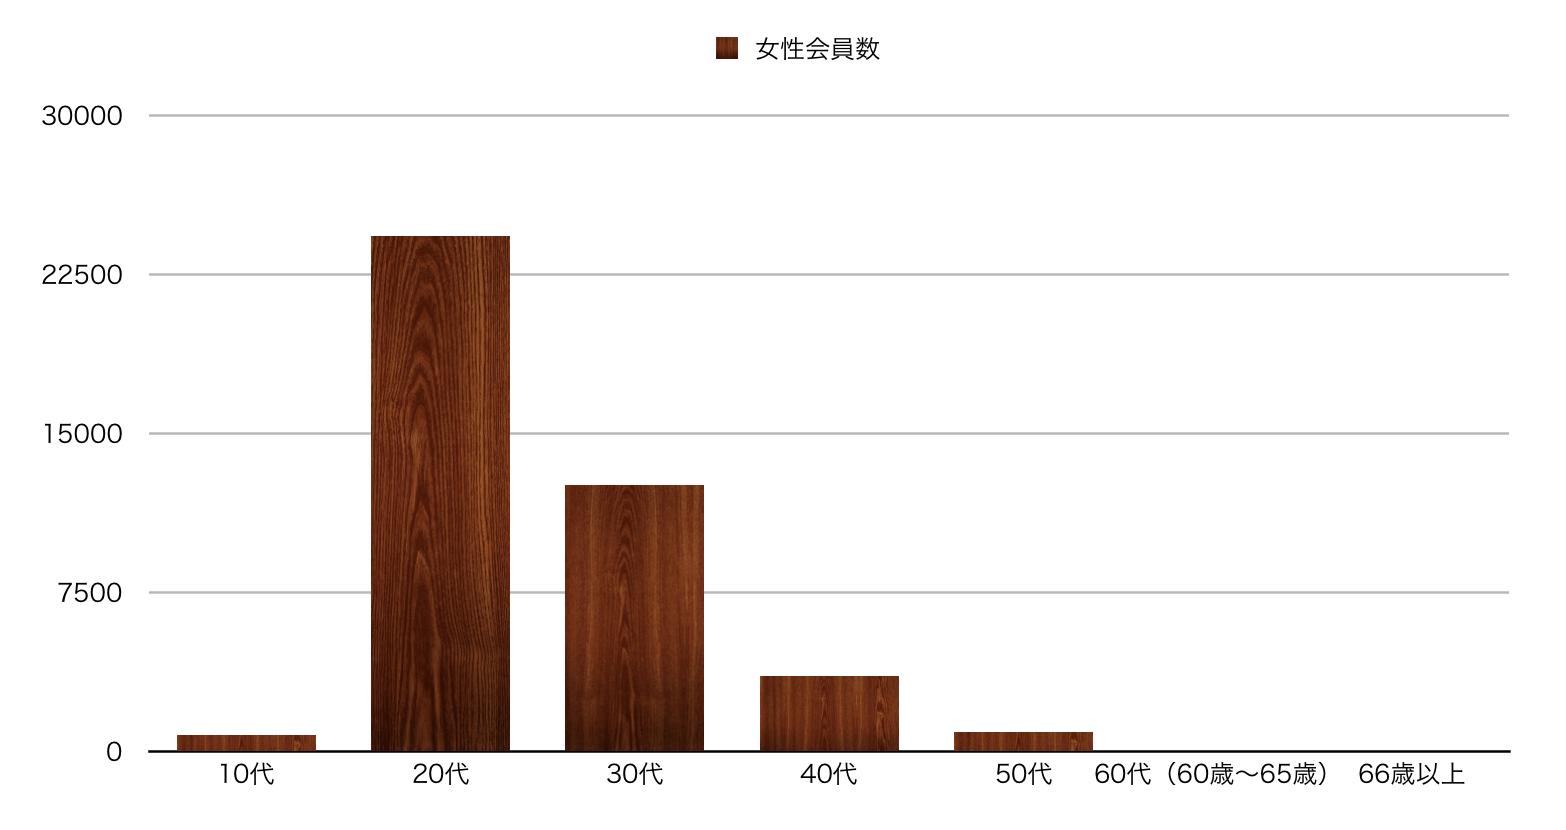 兵庫県のペアーズ女性会員数の縦棒グラフ